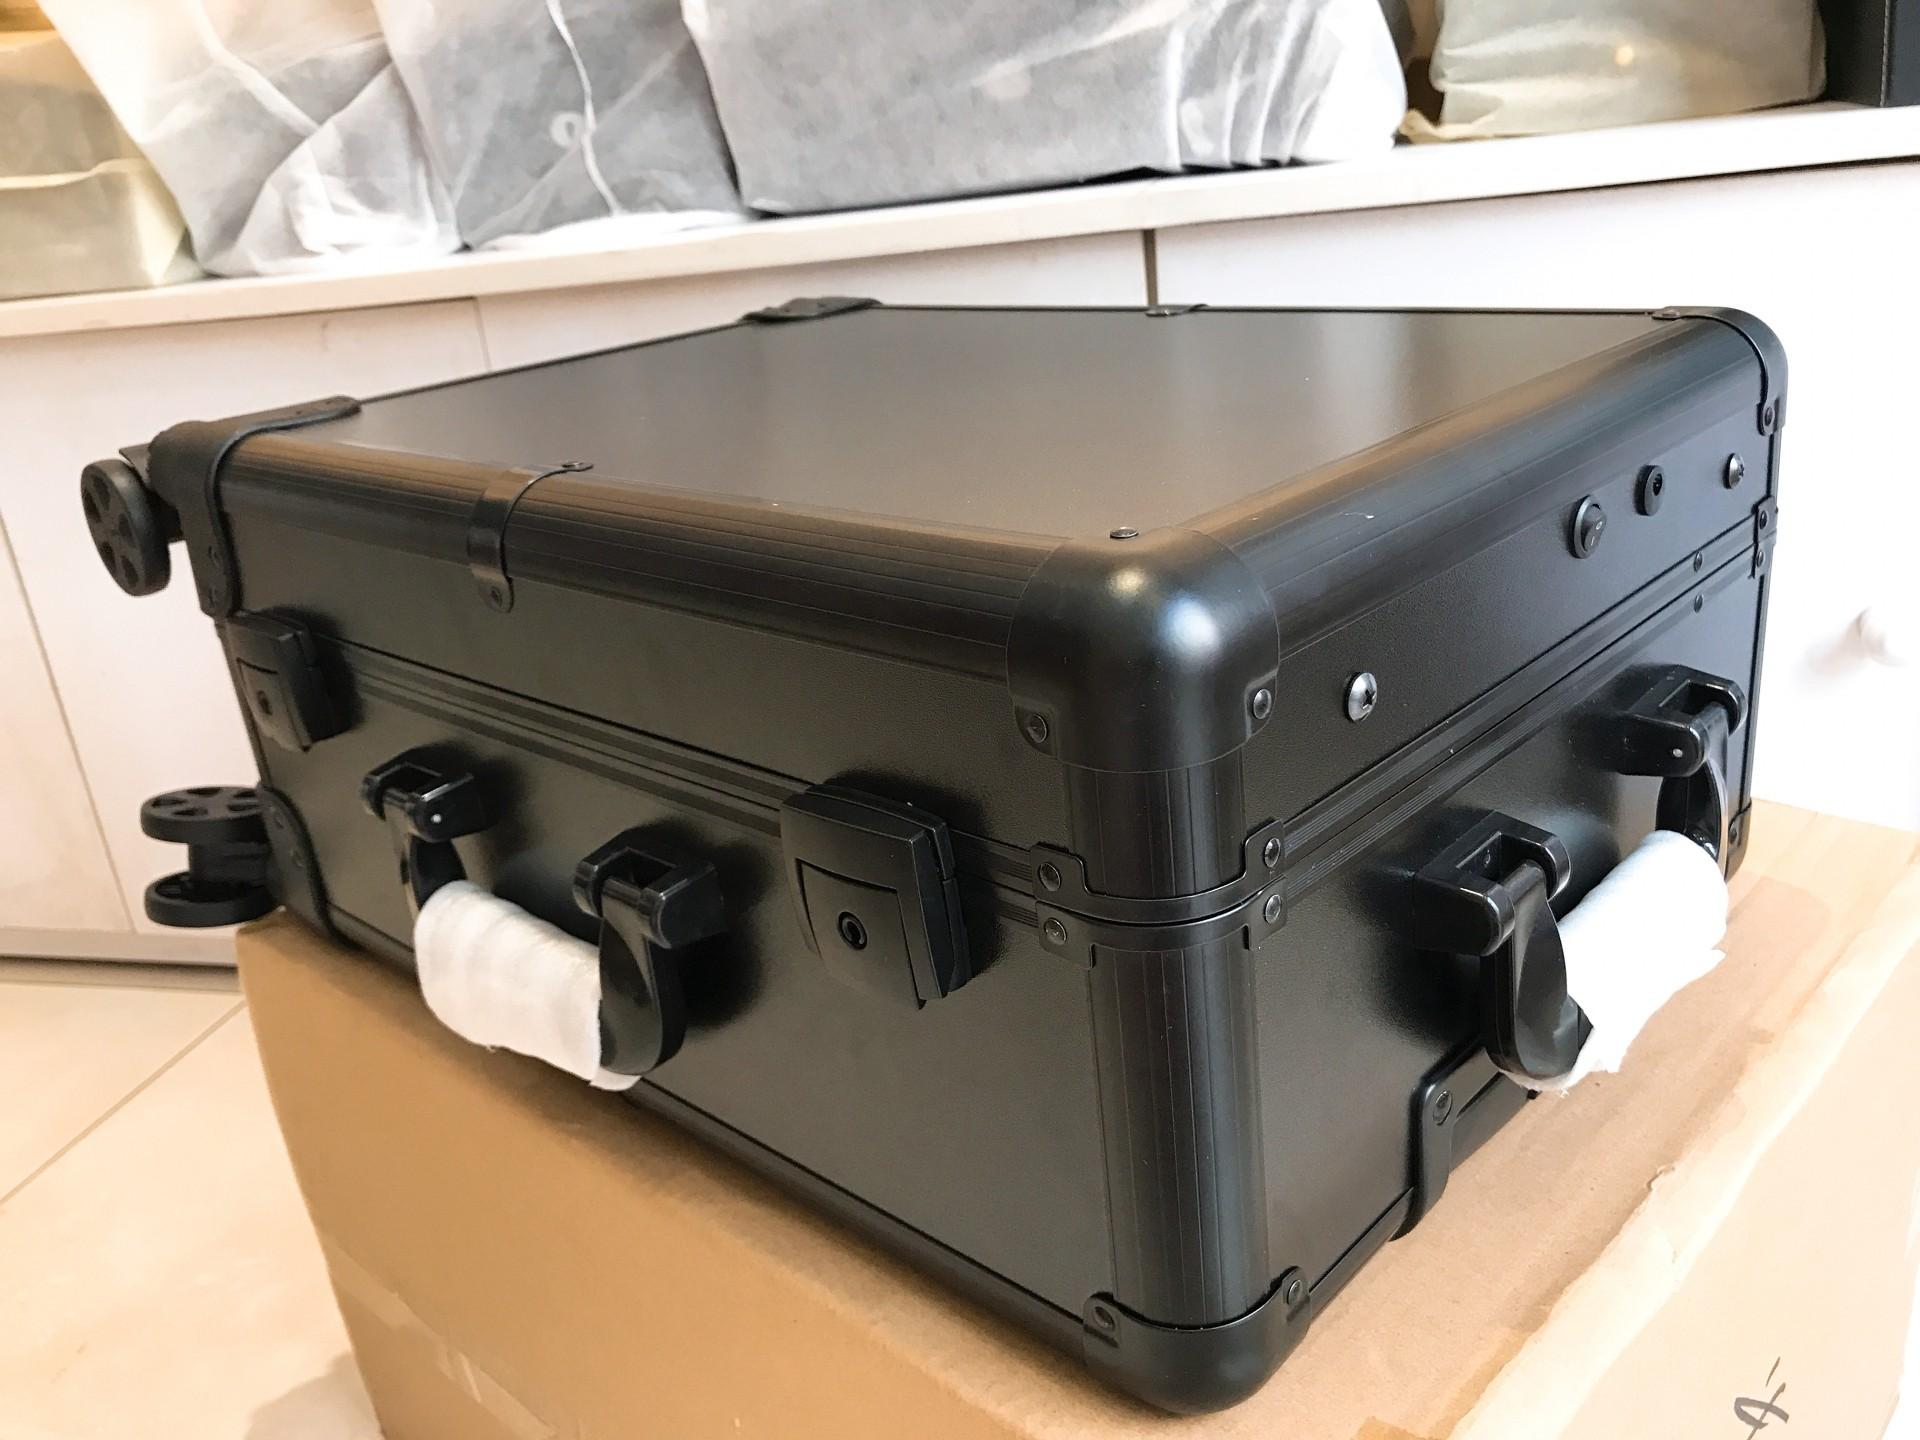 cốp thùng trang điểm có đèn size nhỏ gọn nhẹ